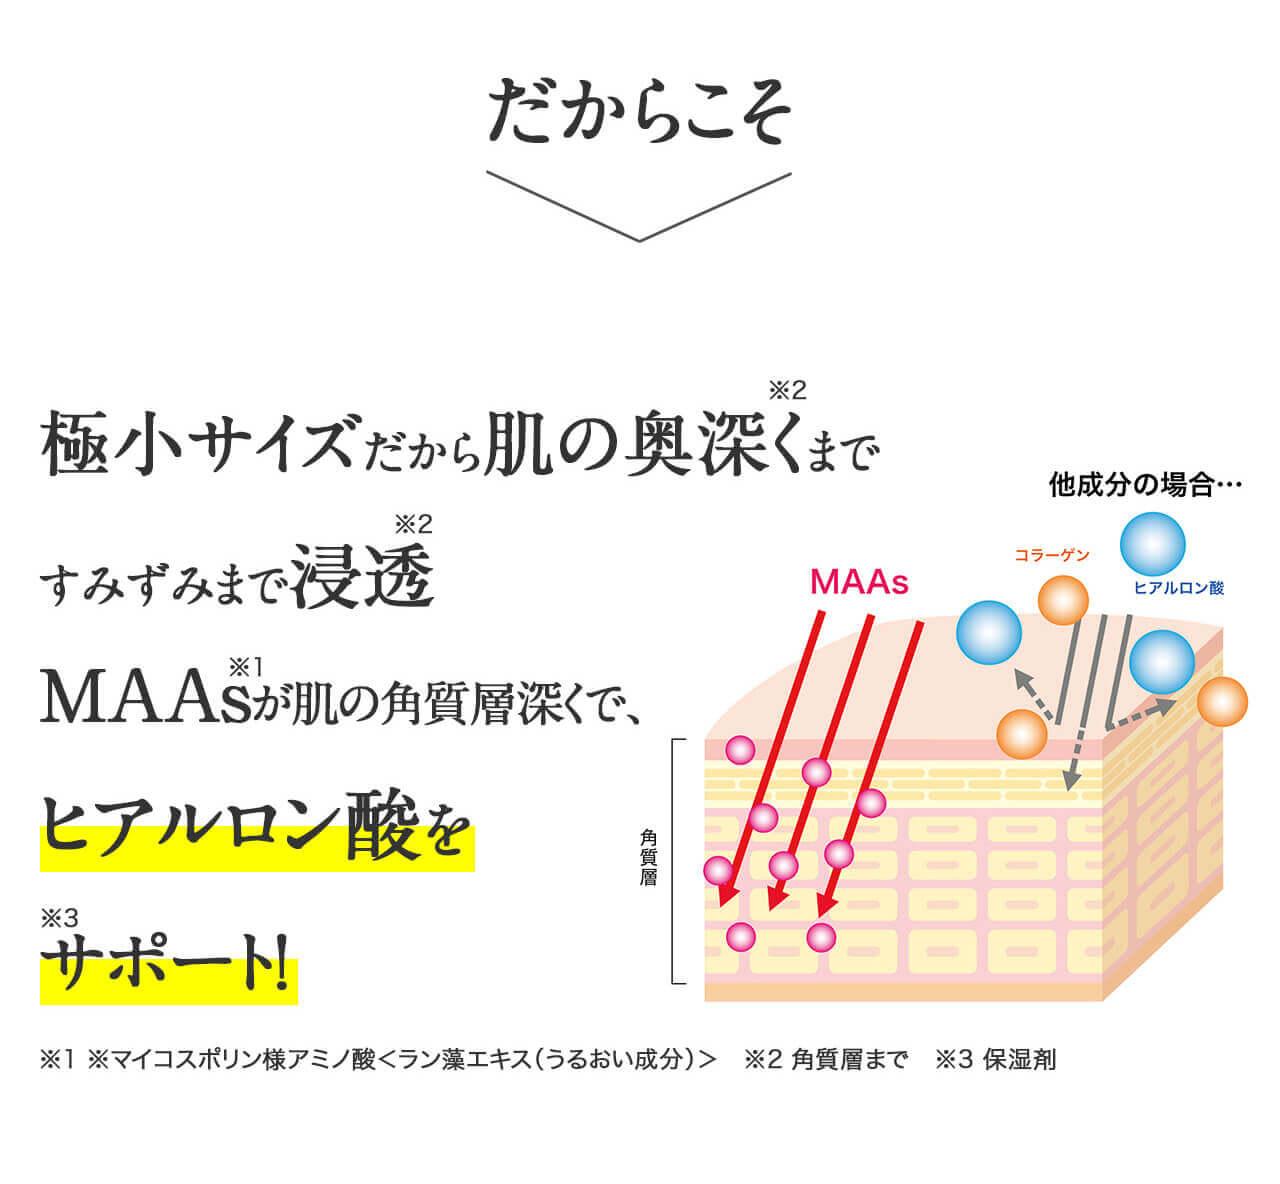 極小サイズだから肌の奥深くまですみずみまで浸透 MAAsが肌の角質層深くでヒアルロン酸をサポート!※1 うるおい成分MAAs(ラン藻エキス) ※2 角質層まで ※3 保湿剤